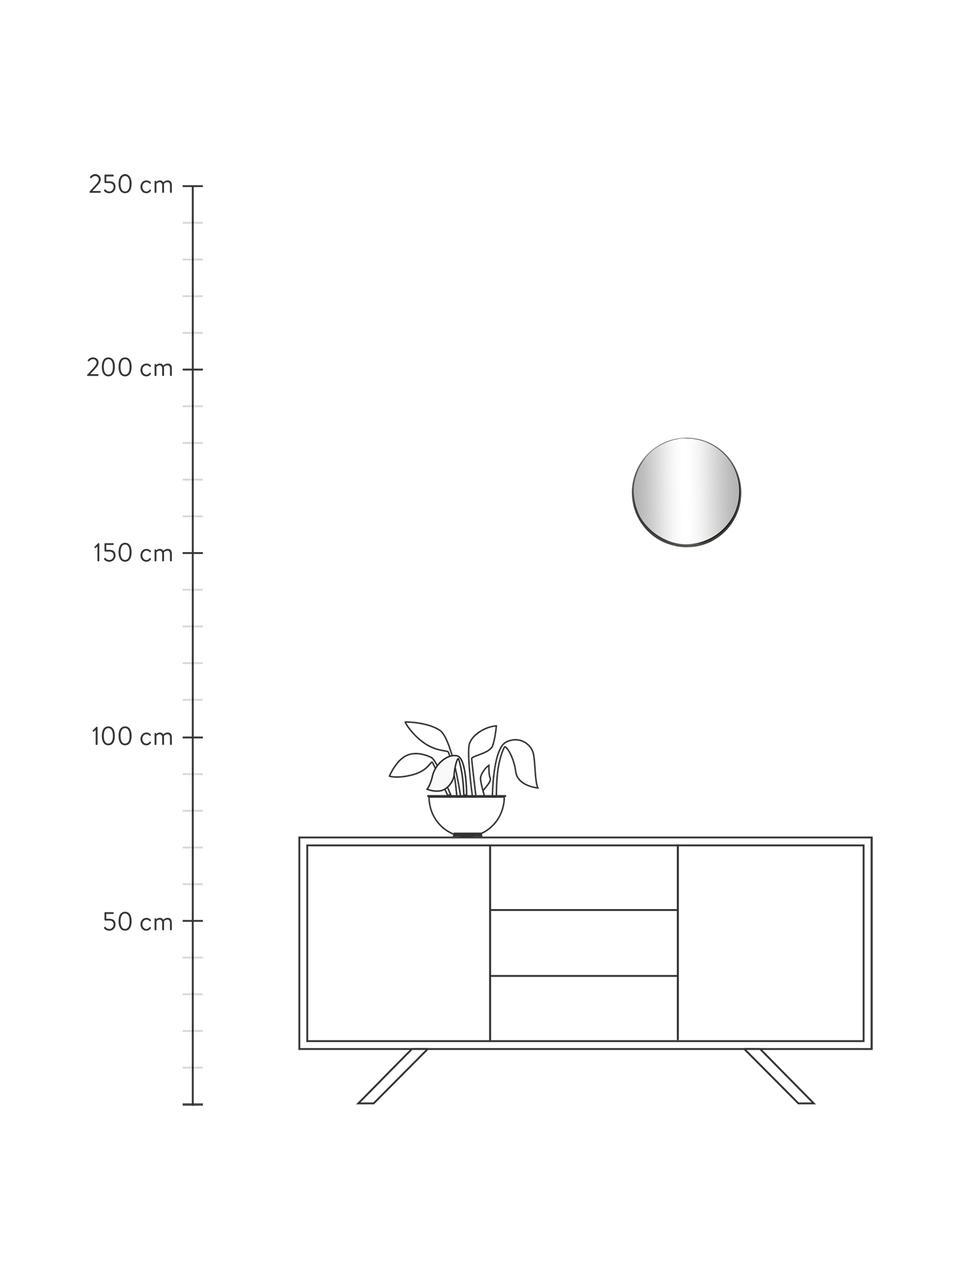 Wandspiegel Metal mit schwarzem Rahmen, Rahmen: Metall, lackiert mit gewo, Rahmen: Schwarz<br>Spiegelglas, Ø 30 cm